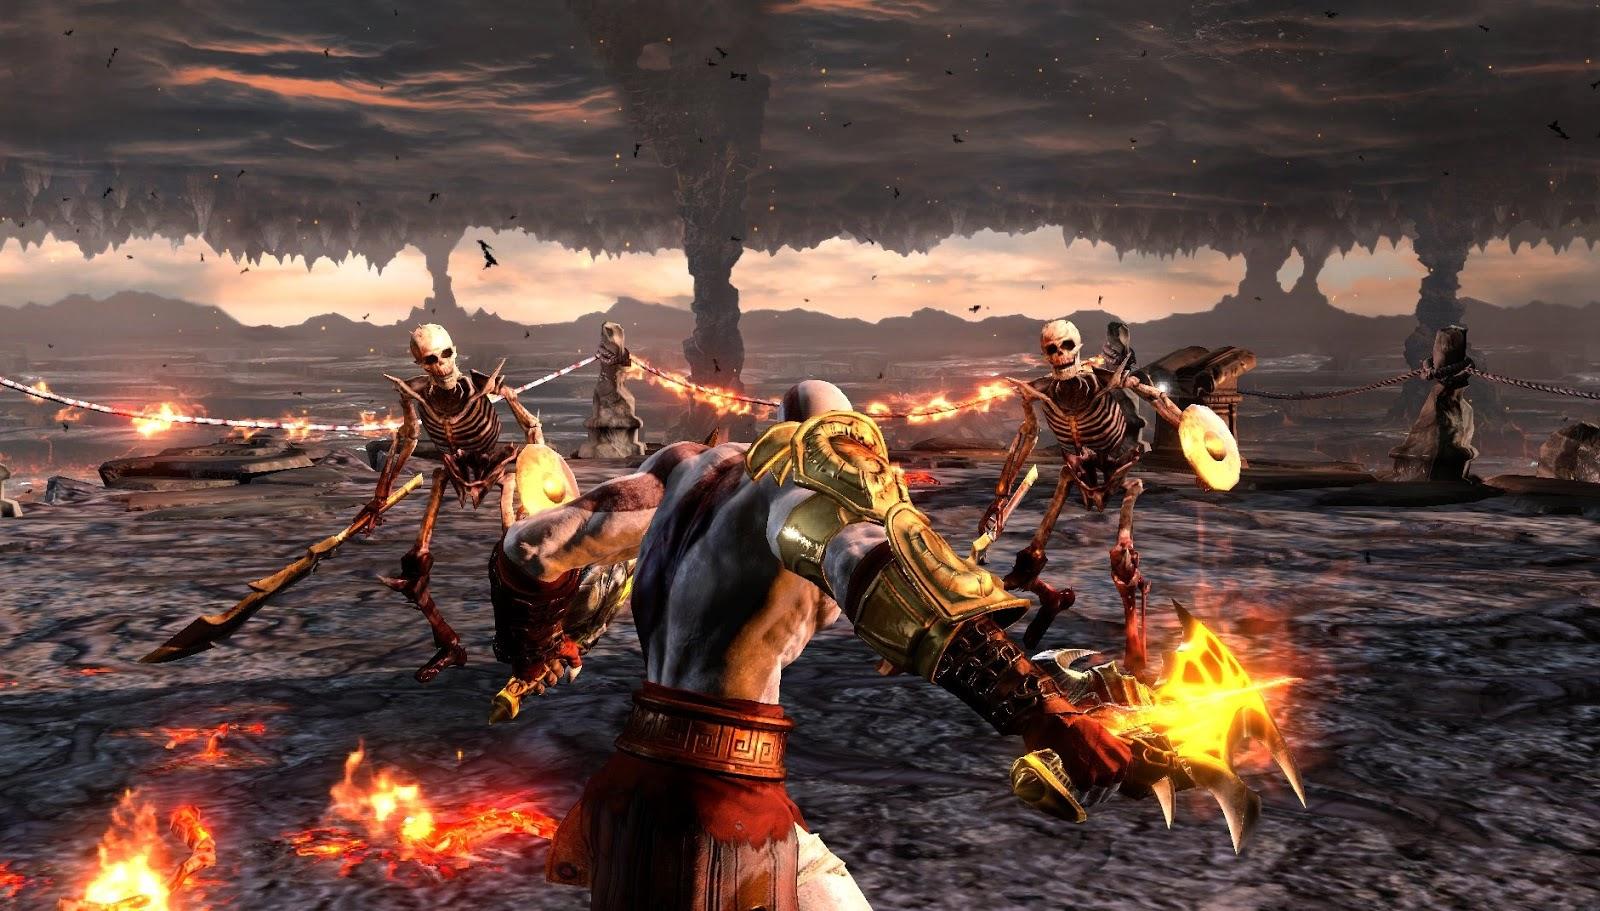 دانلود بازی god of war 3 برای کامپیوتر با لینک مستقیم